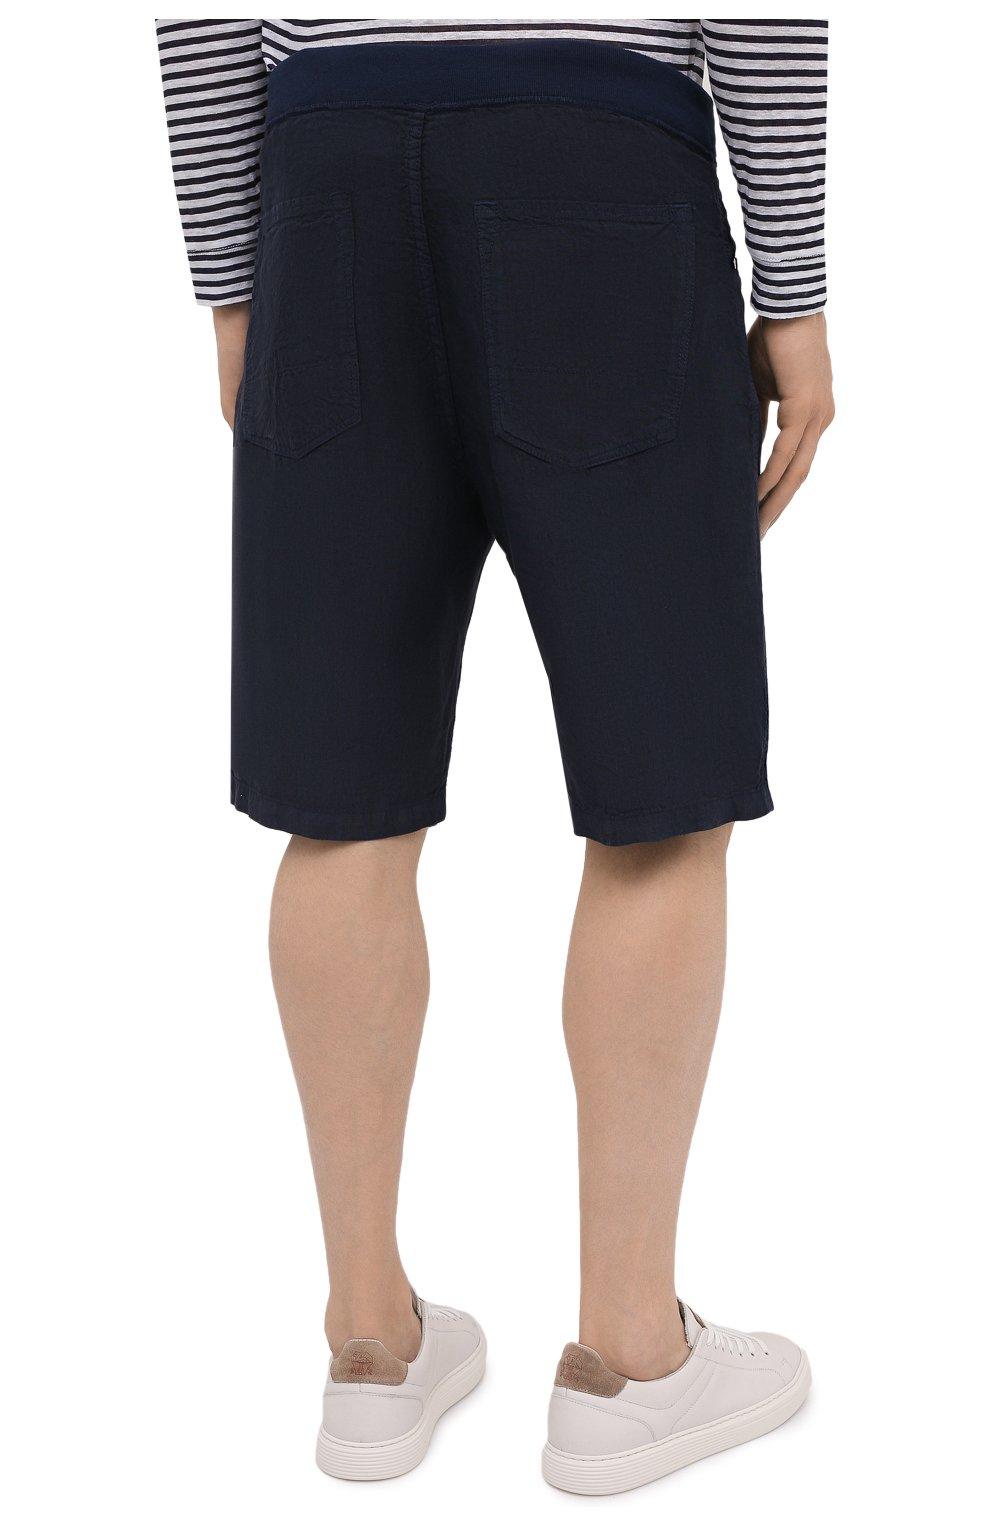 Мужские льняные шорты 120% LINO темно-синего цвета, арт. T0M2120/0253/000 | Фото 4 (Мужское Кросс-КТ: Шорты-одежда; Длина Шорты М: До колена; Принт: Без принта; Материал внешний: Лен; Стили: Кэжуэл)